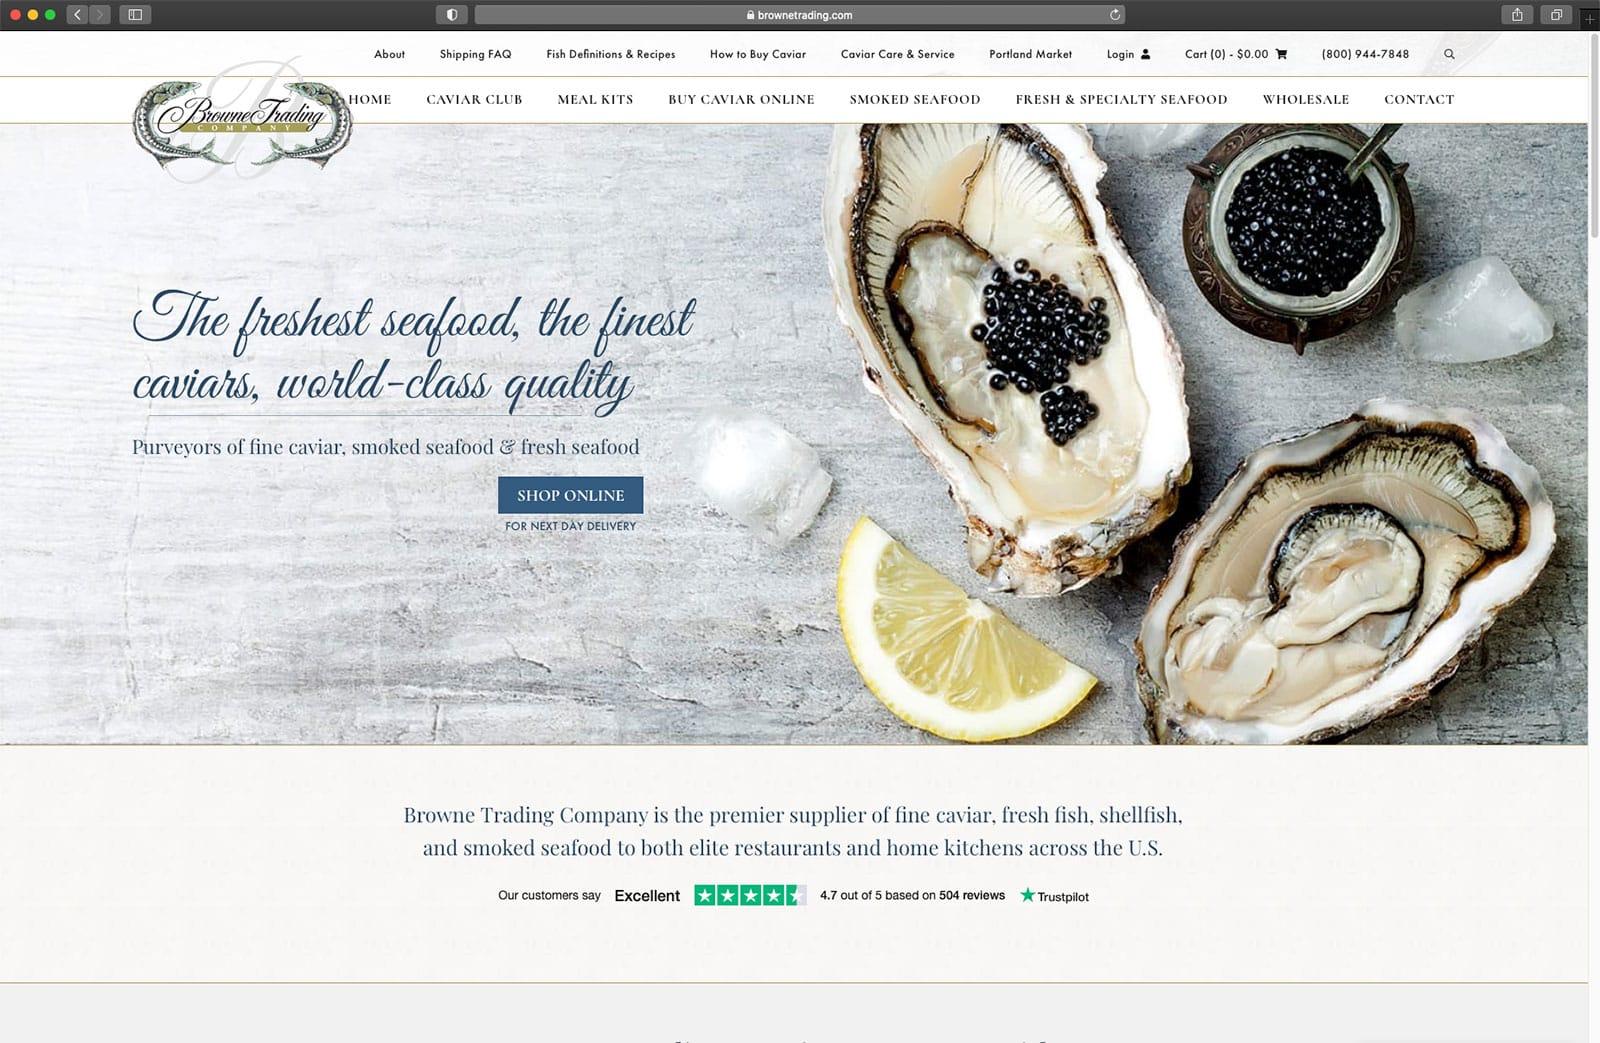 Desktop project image